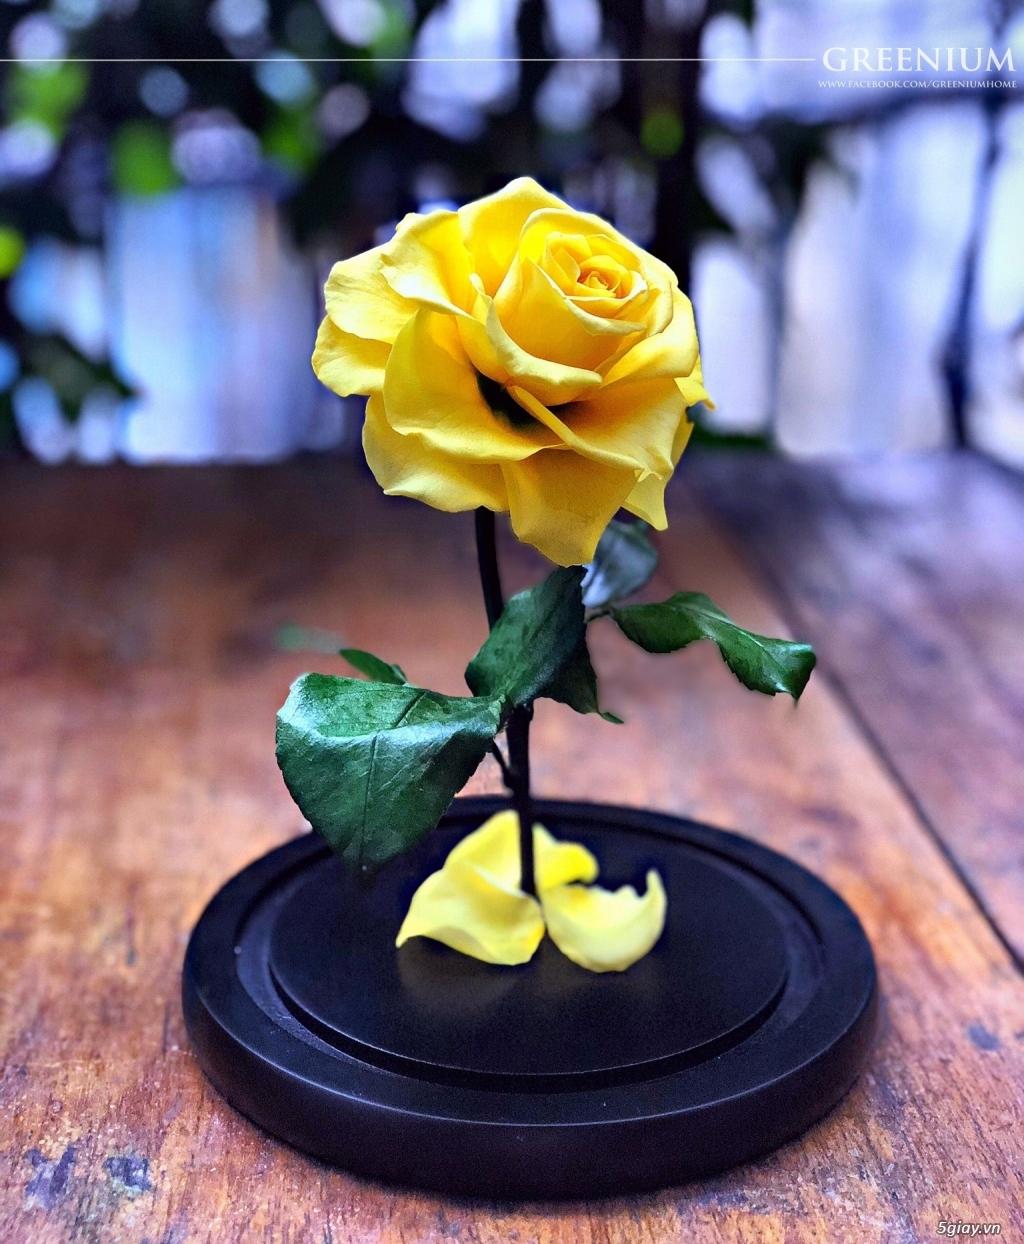 HCM - Hoa hồng vĩnh cữu đặt trong lọ kính cực kỳ sang trọng - 1